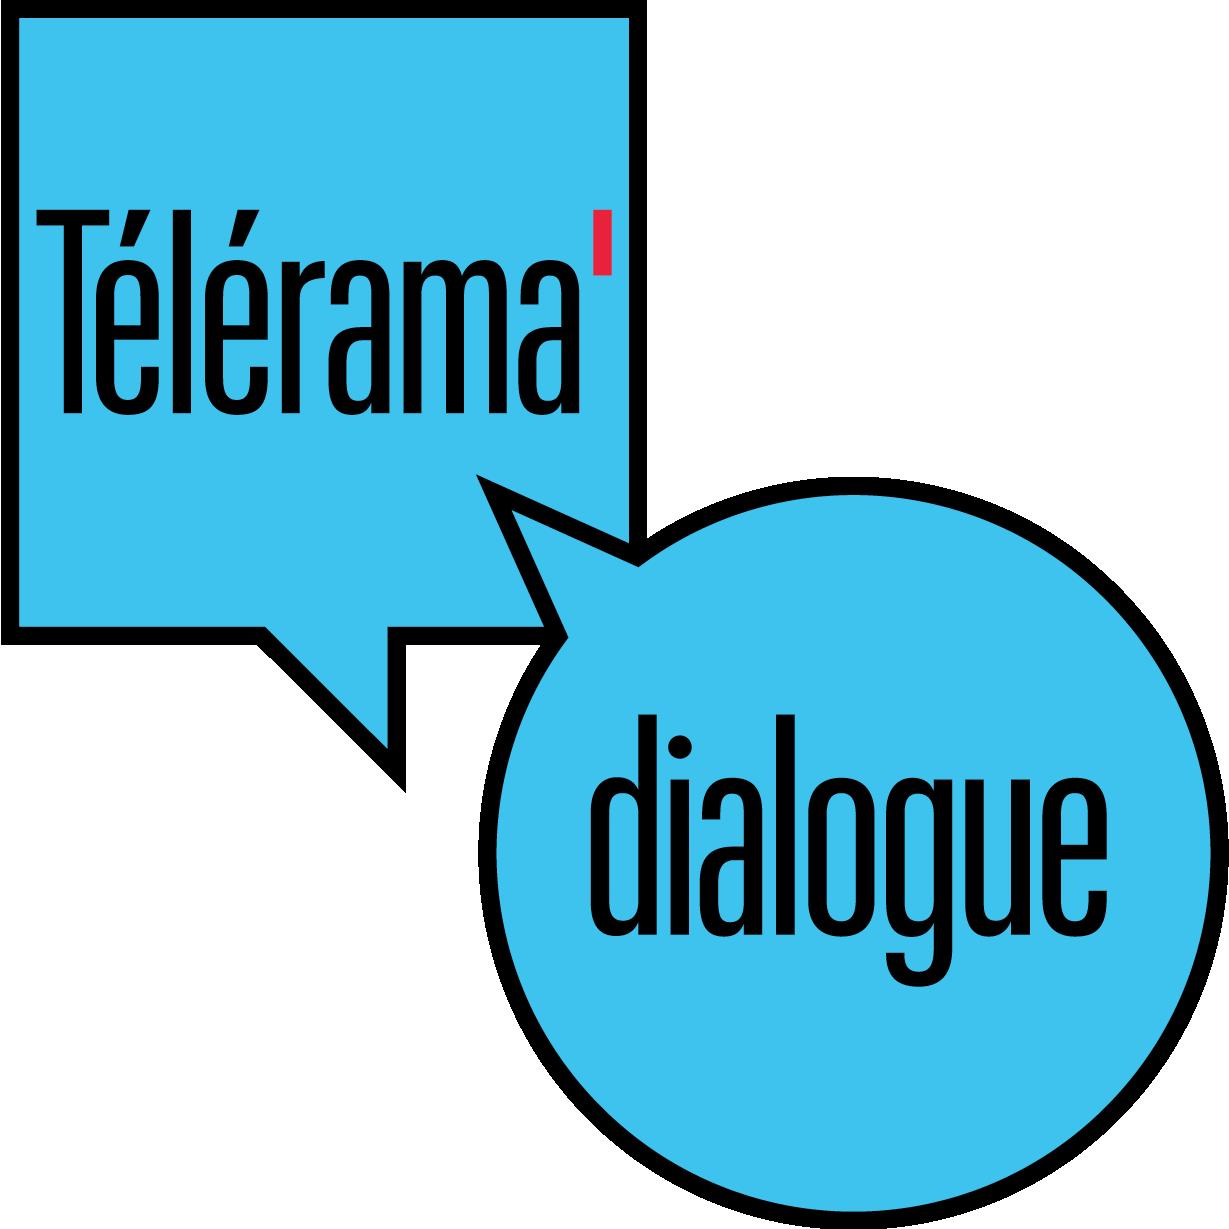 Nouvelle édition de Télérama Dialogue le 23 septembre à Paris : liste des nombreux intervenants.